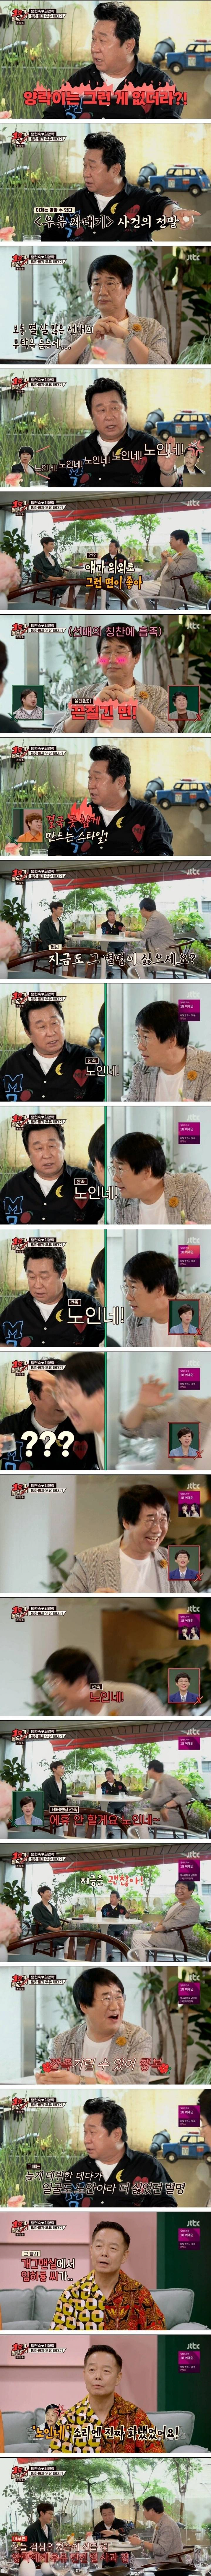 최양락, 임하룡의 우유 싸대기 사건의 전말.JPG | 인스티즈